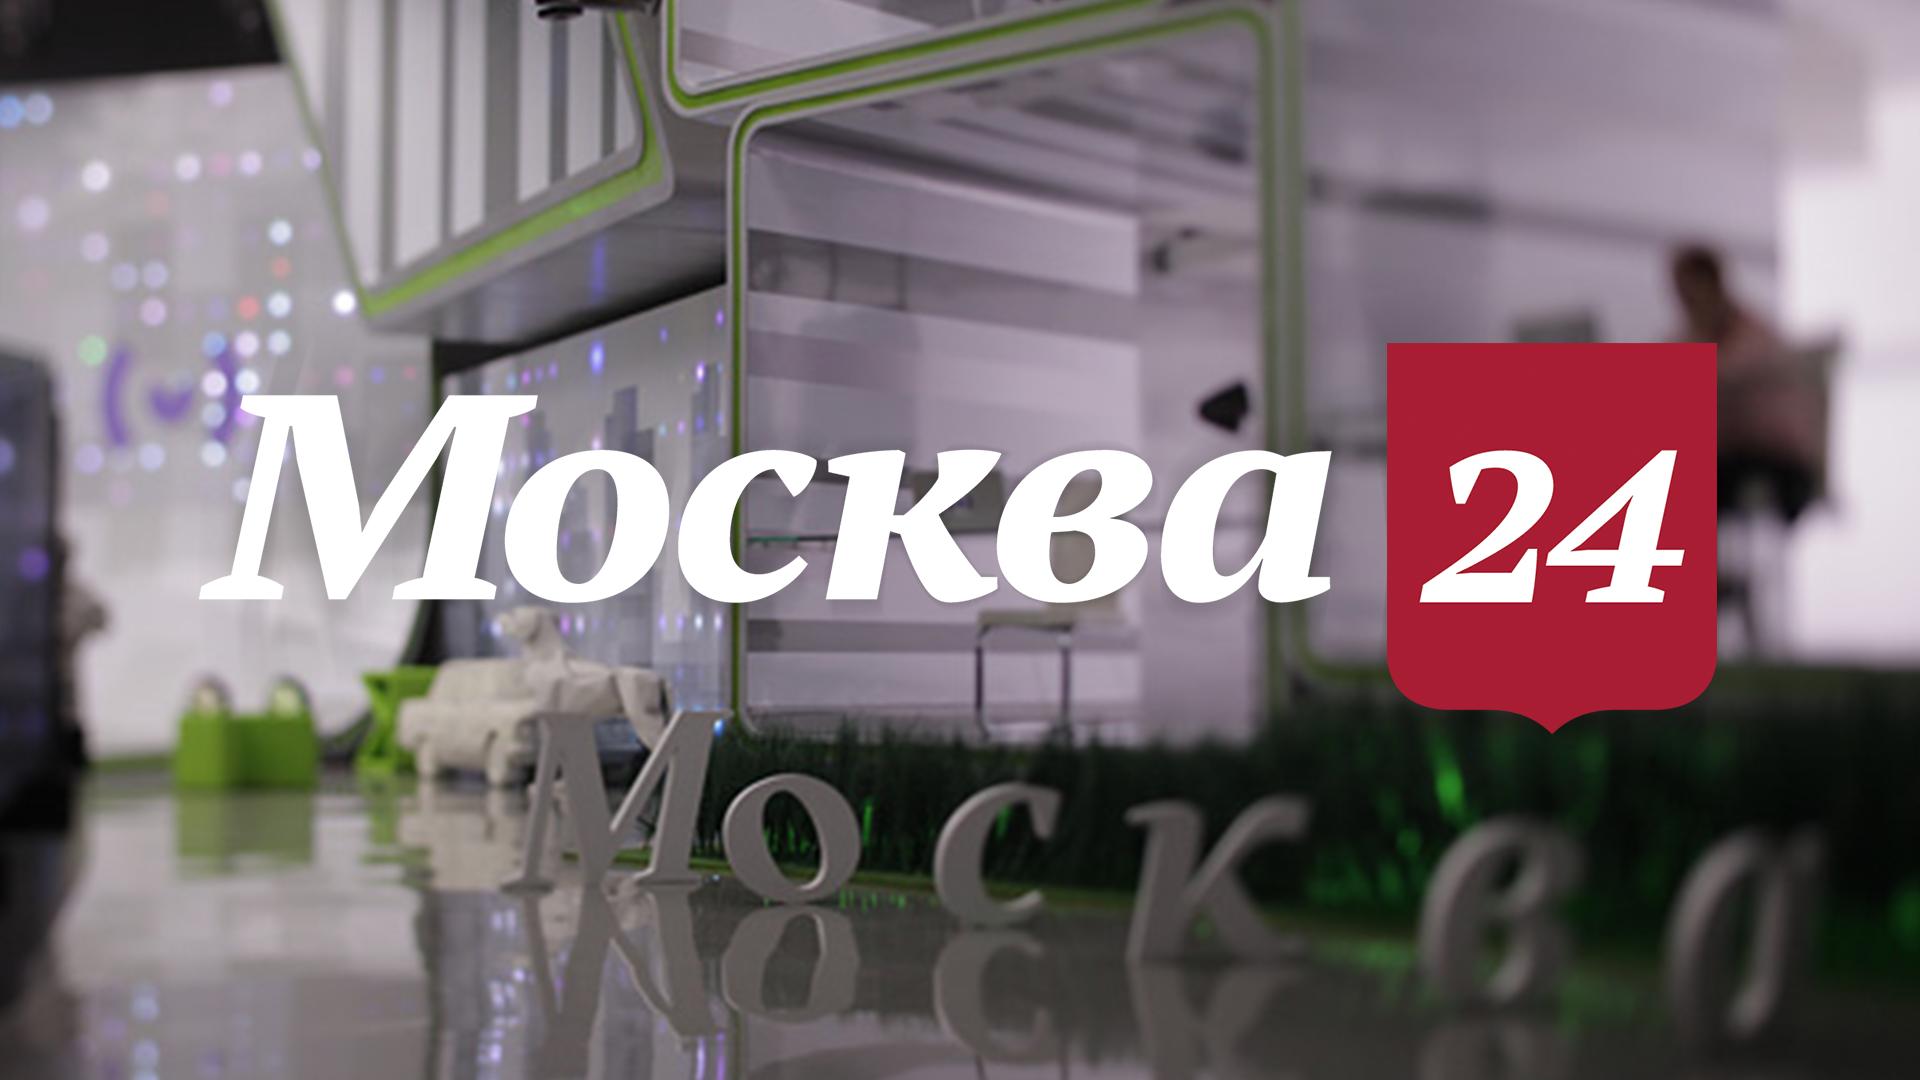 Сюжет в программе «Хоккей 24» на телеканале «Россия 24» о любительском хоккее в Москве